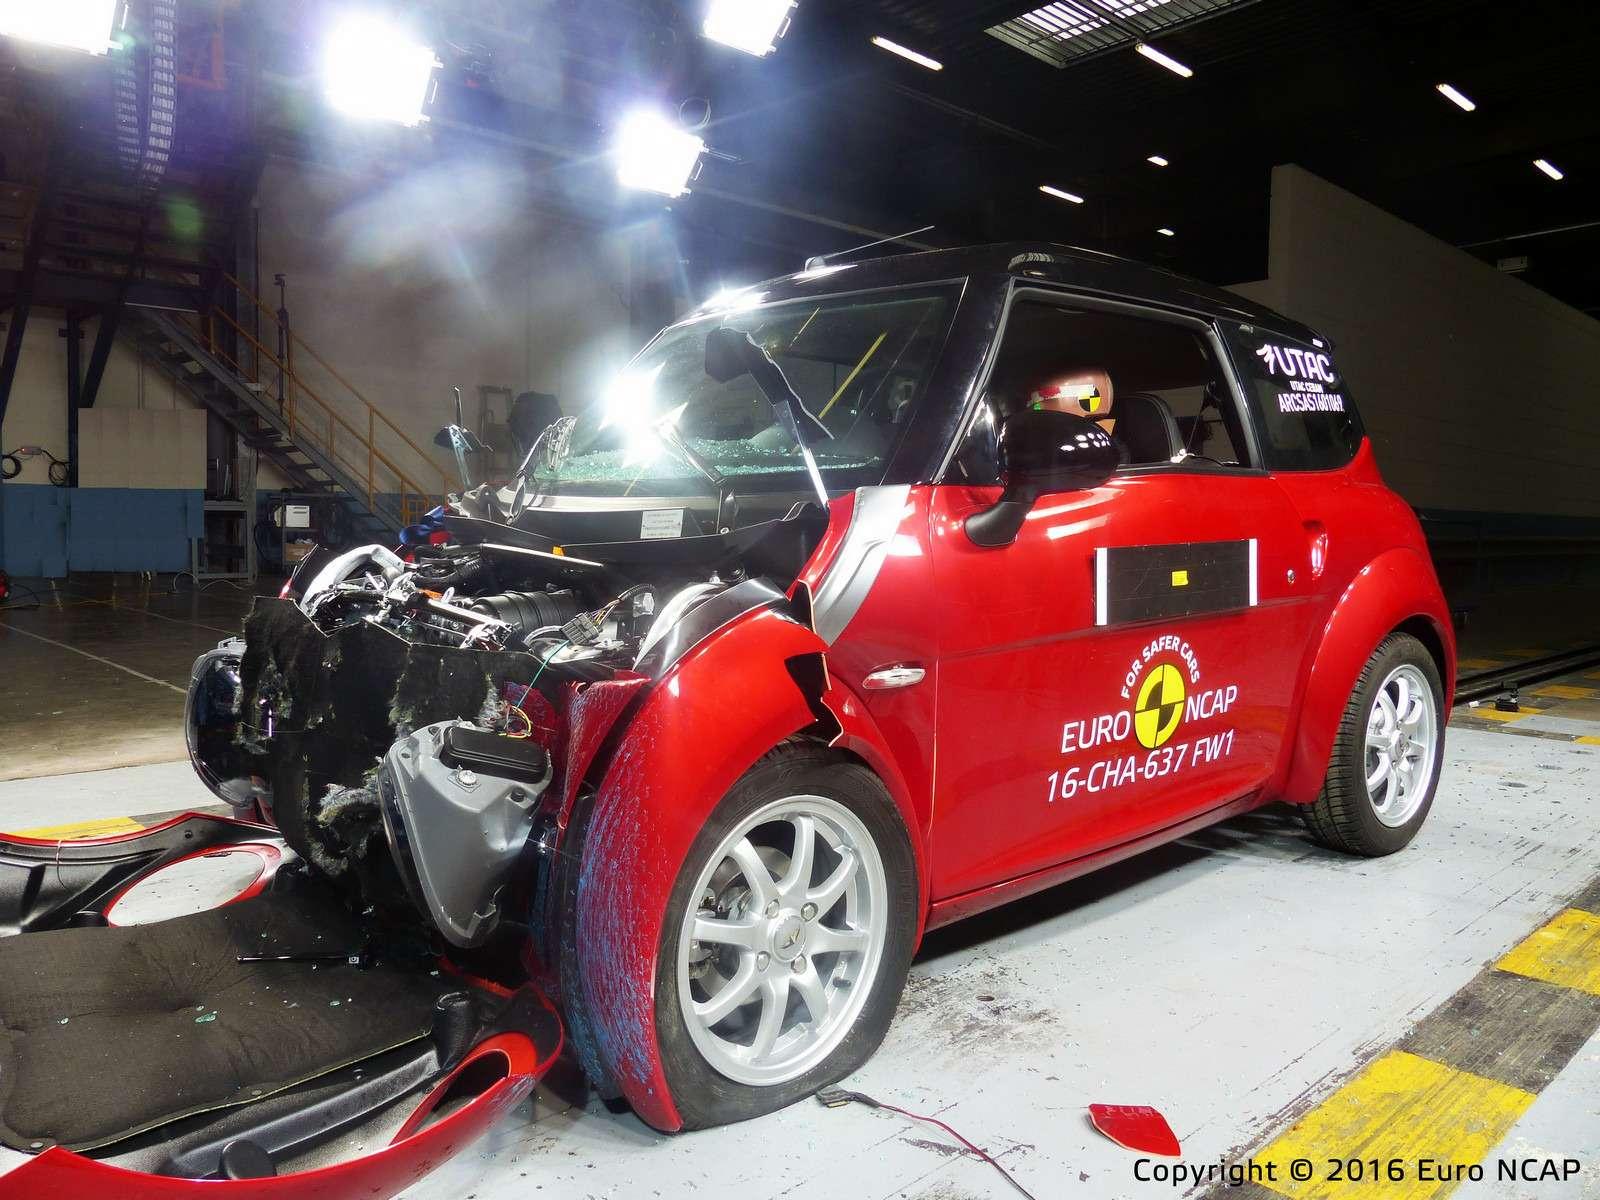 Euro NCAP огласил ужасающие результаты краш-тестов тяжелых квадроциклов— фото 573079